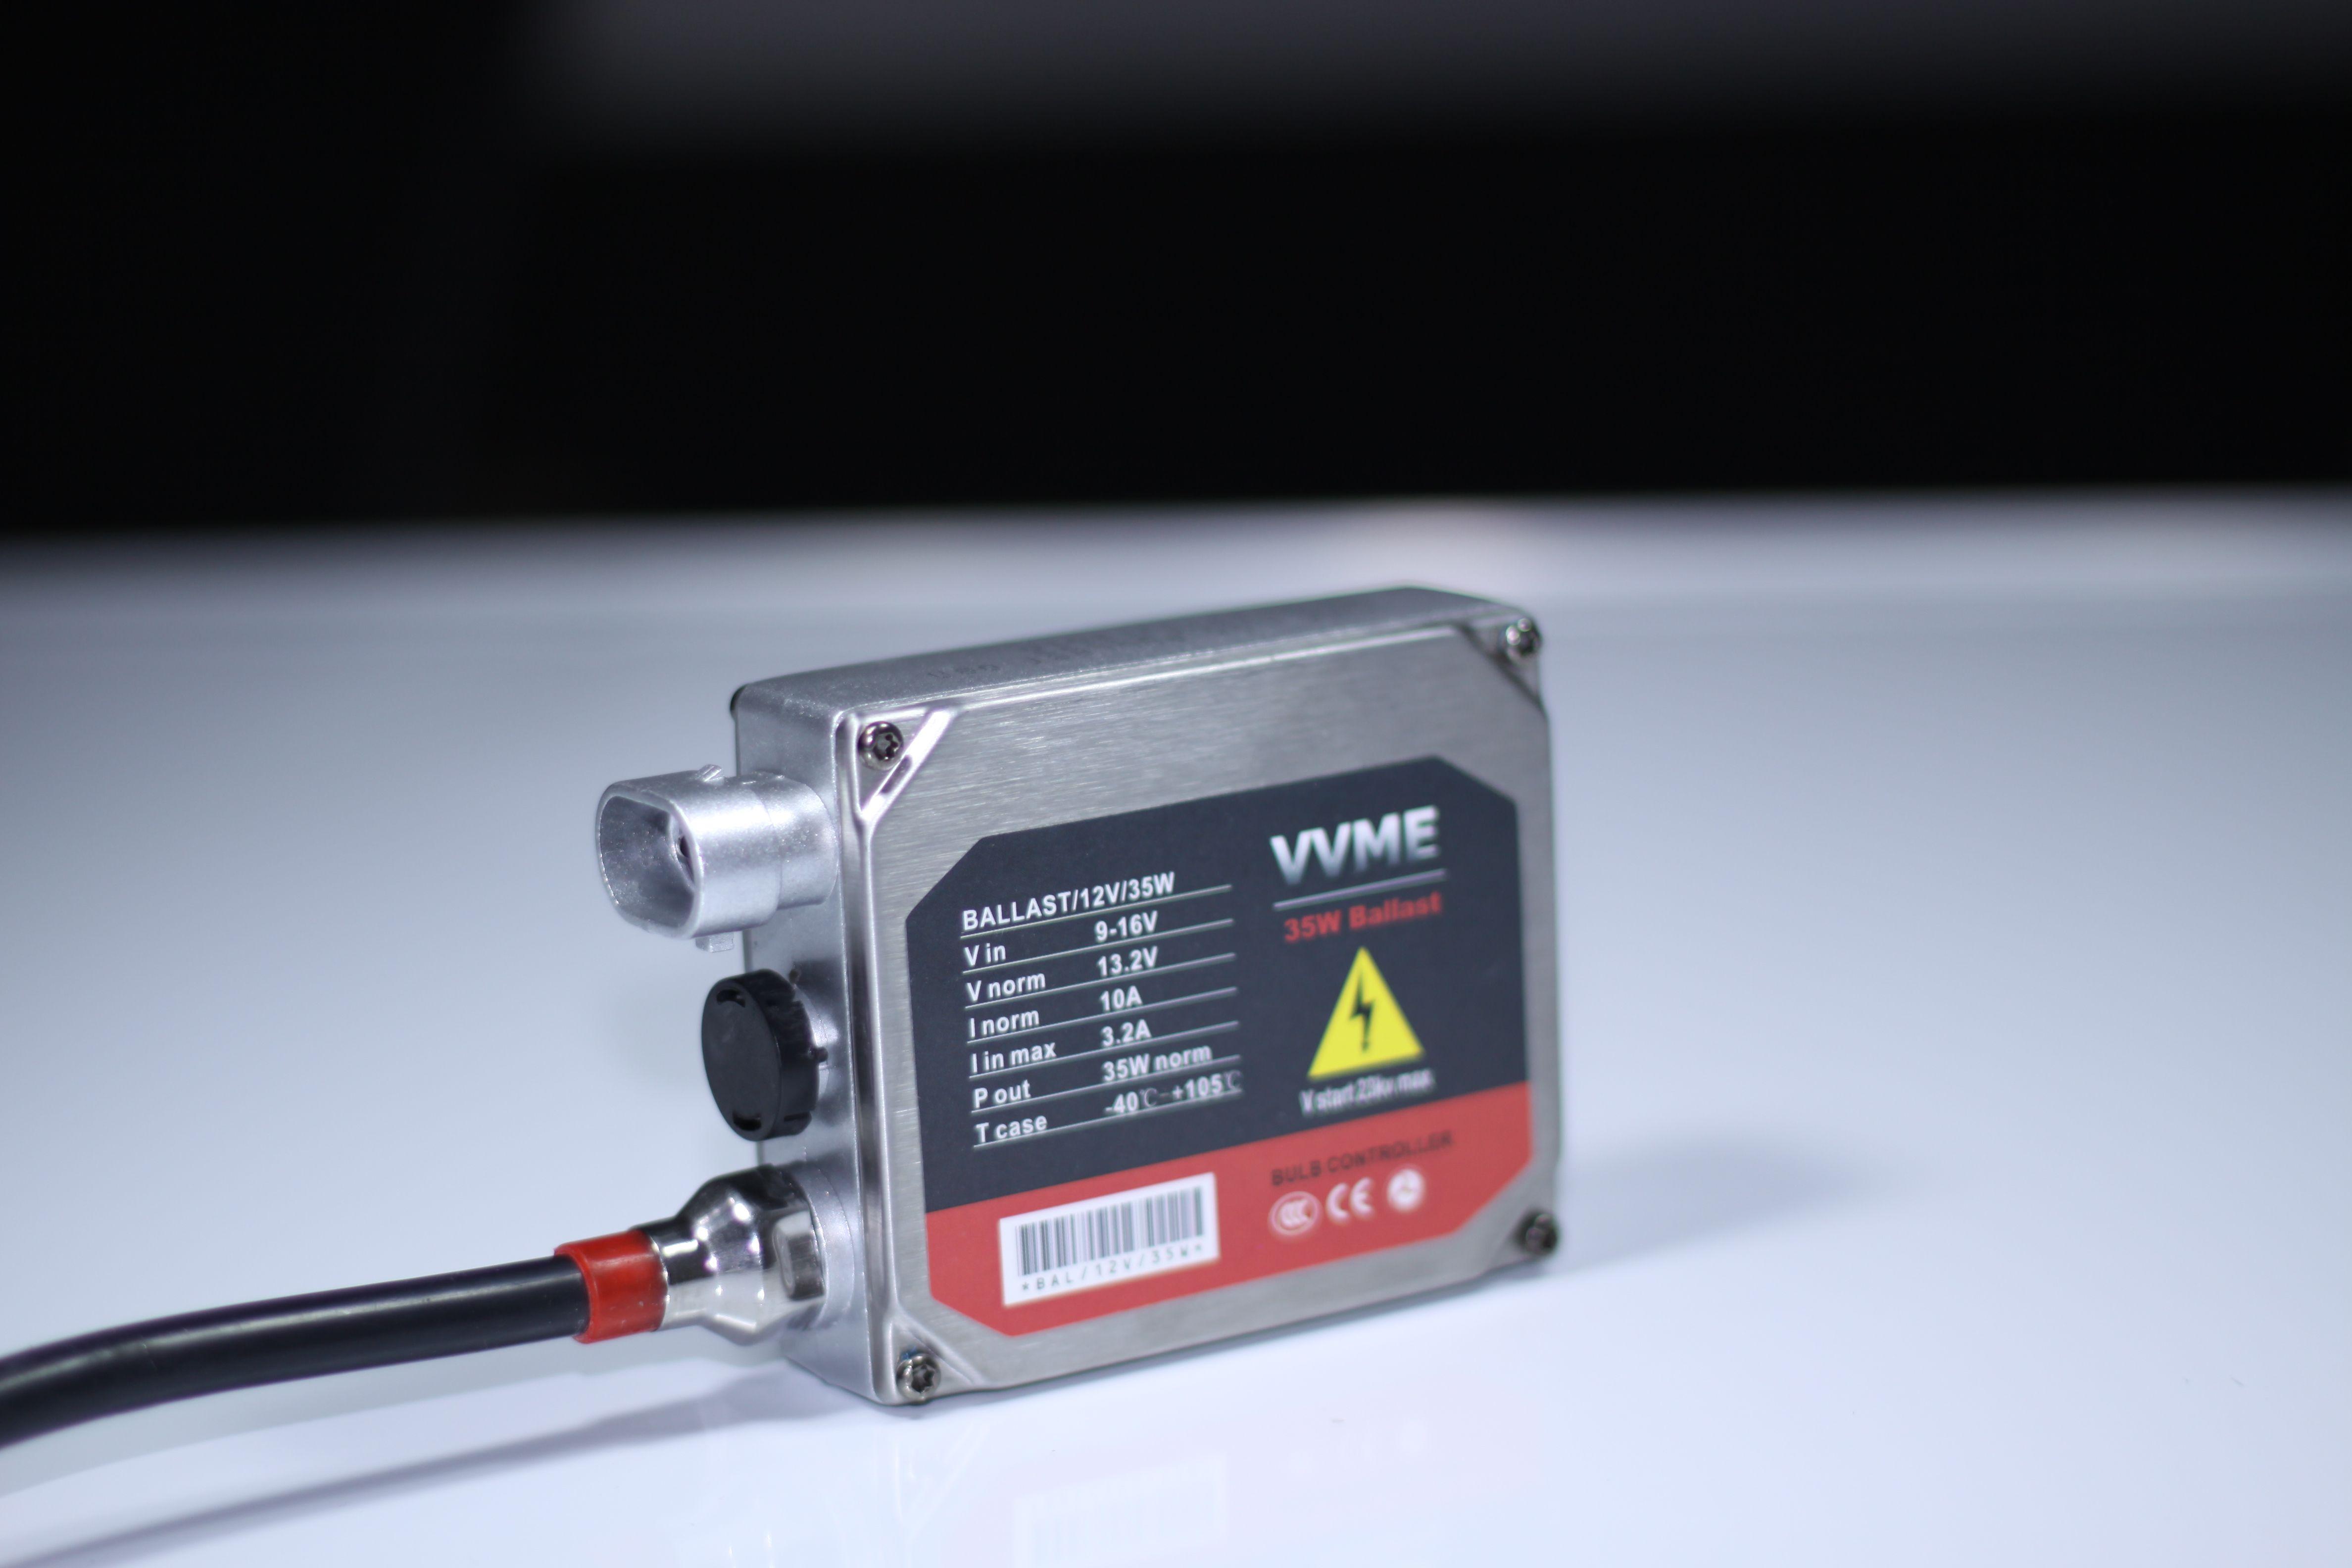 medium resolution of vvme hid conversion kit wiring diagram wiring diagrams explo vvme hid conversion kit wiring diagram